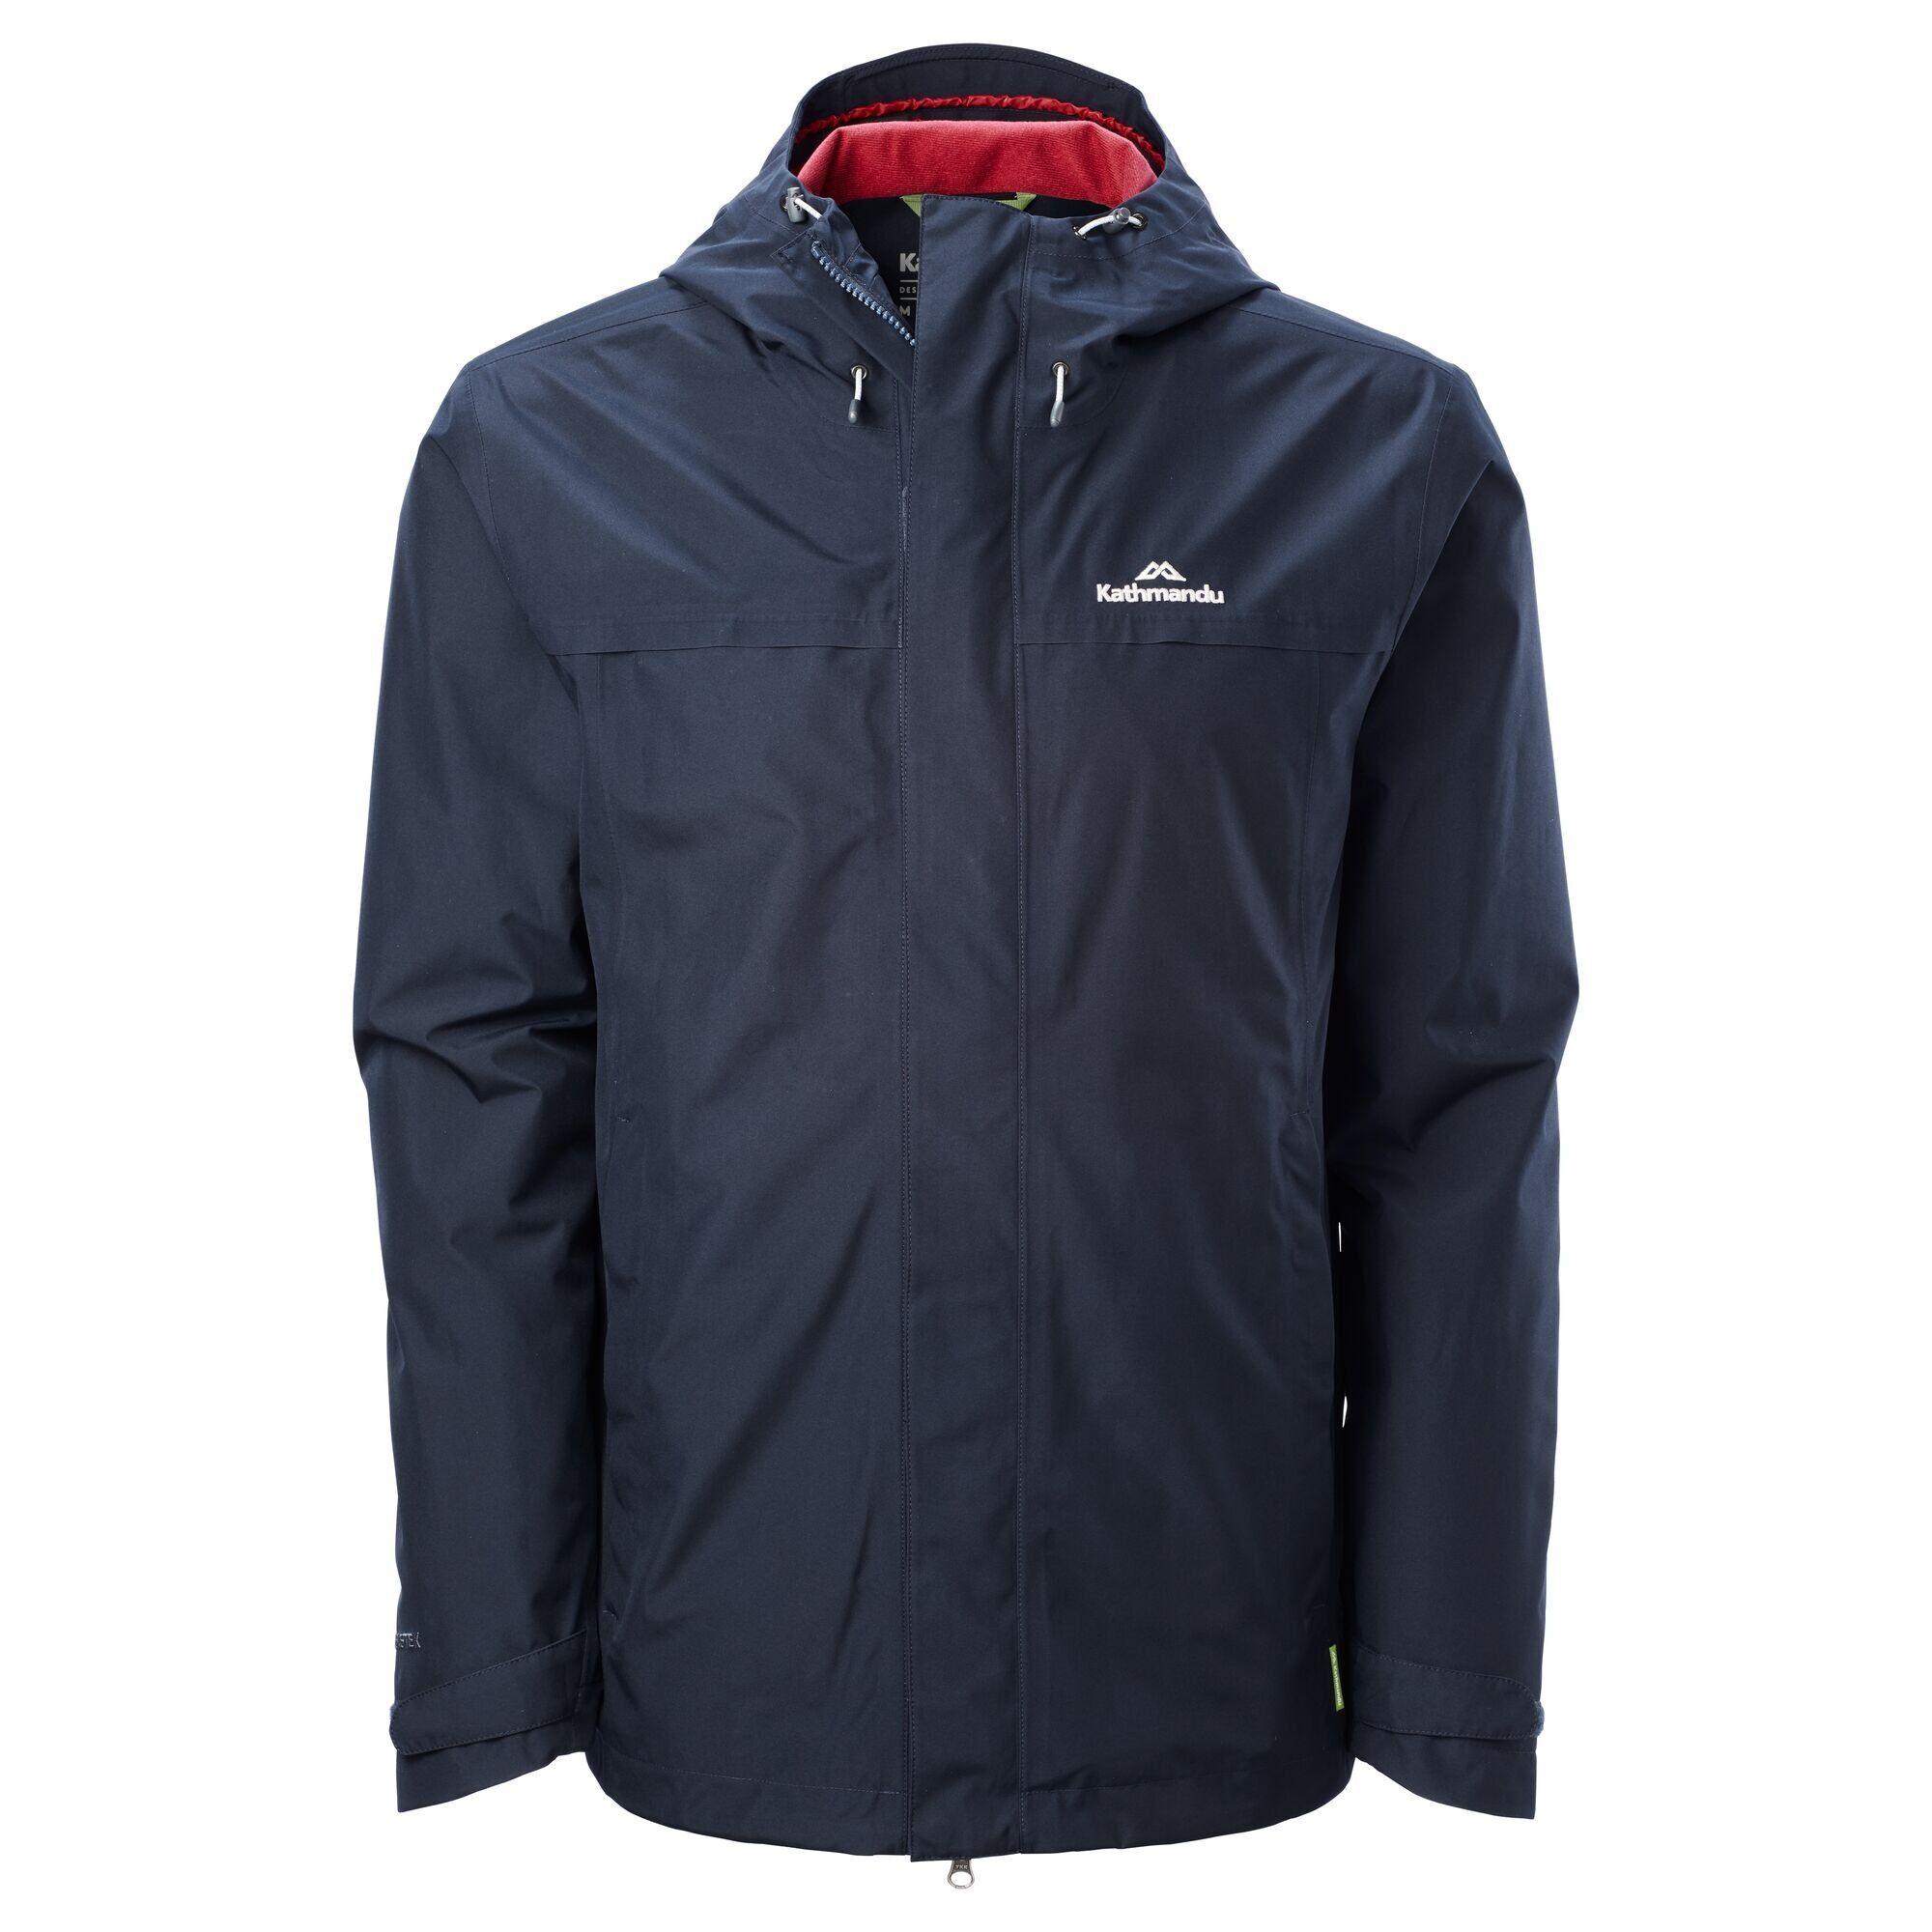 Kathmandu Bealey Men's GORE-TEX Jacket  - Midnight Navy - Size: Medium